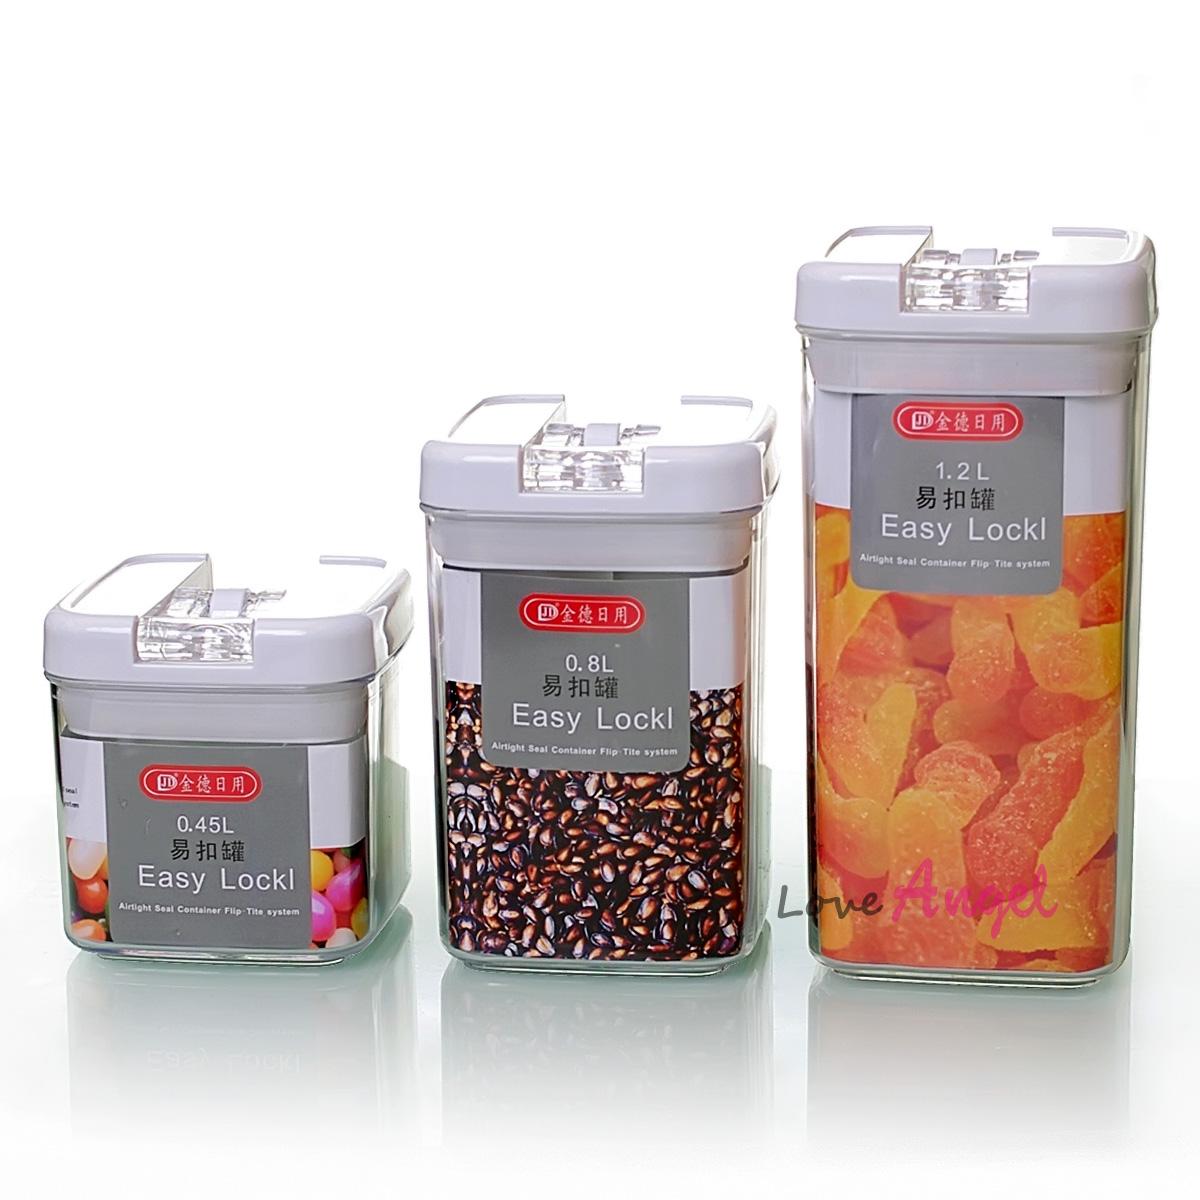 Cristal latas de leite de café caixinha de acrílico latas de feijão tanque tanque de vácuo tanque de armazenamento inculd três garrafas(China (Mainland))